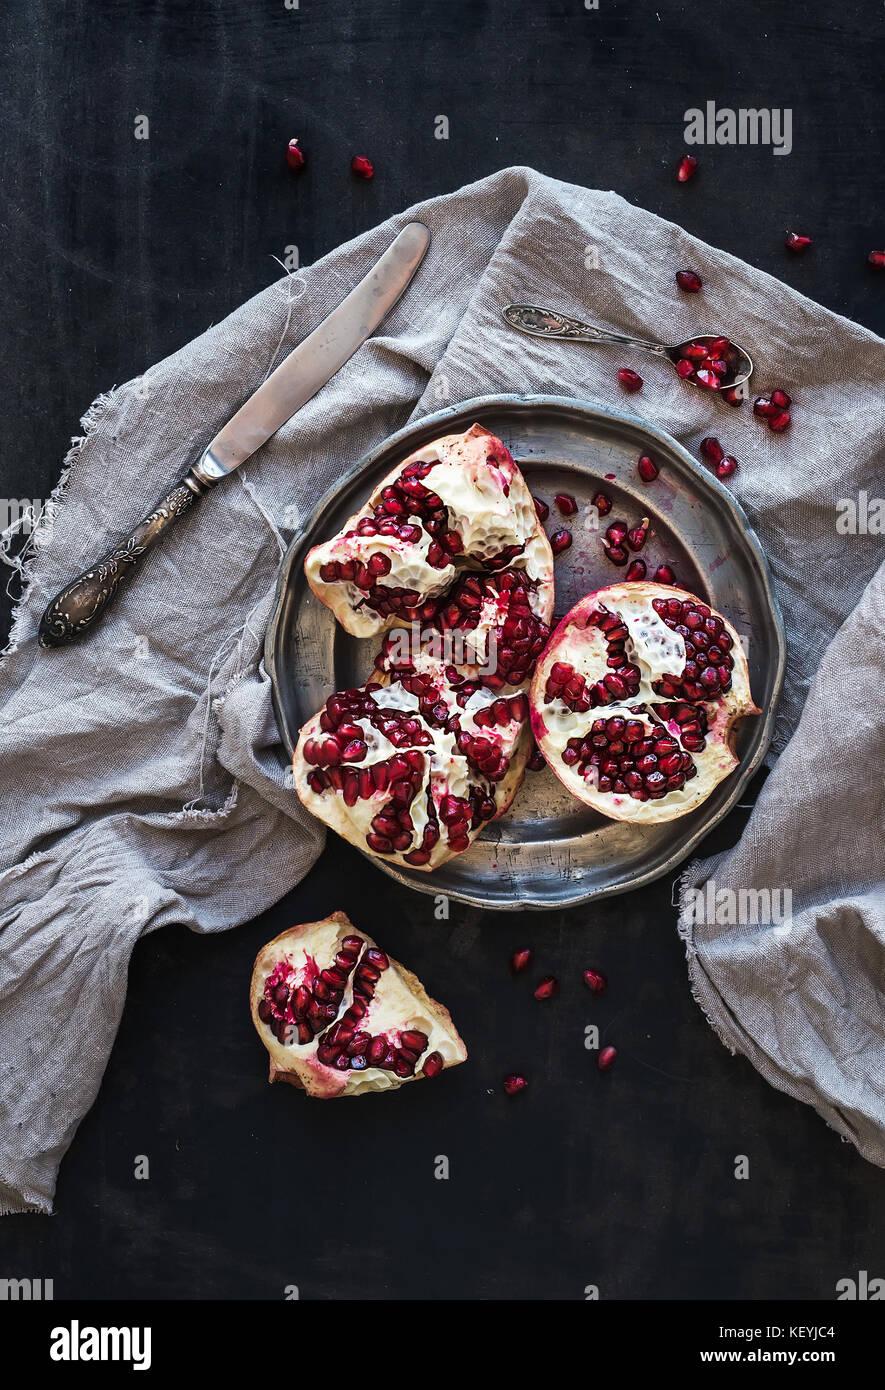 Rosso maturo pelato melograno rustico sulla piastra di metallo e beige asciugamano da cucina Immagini Stock